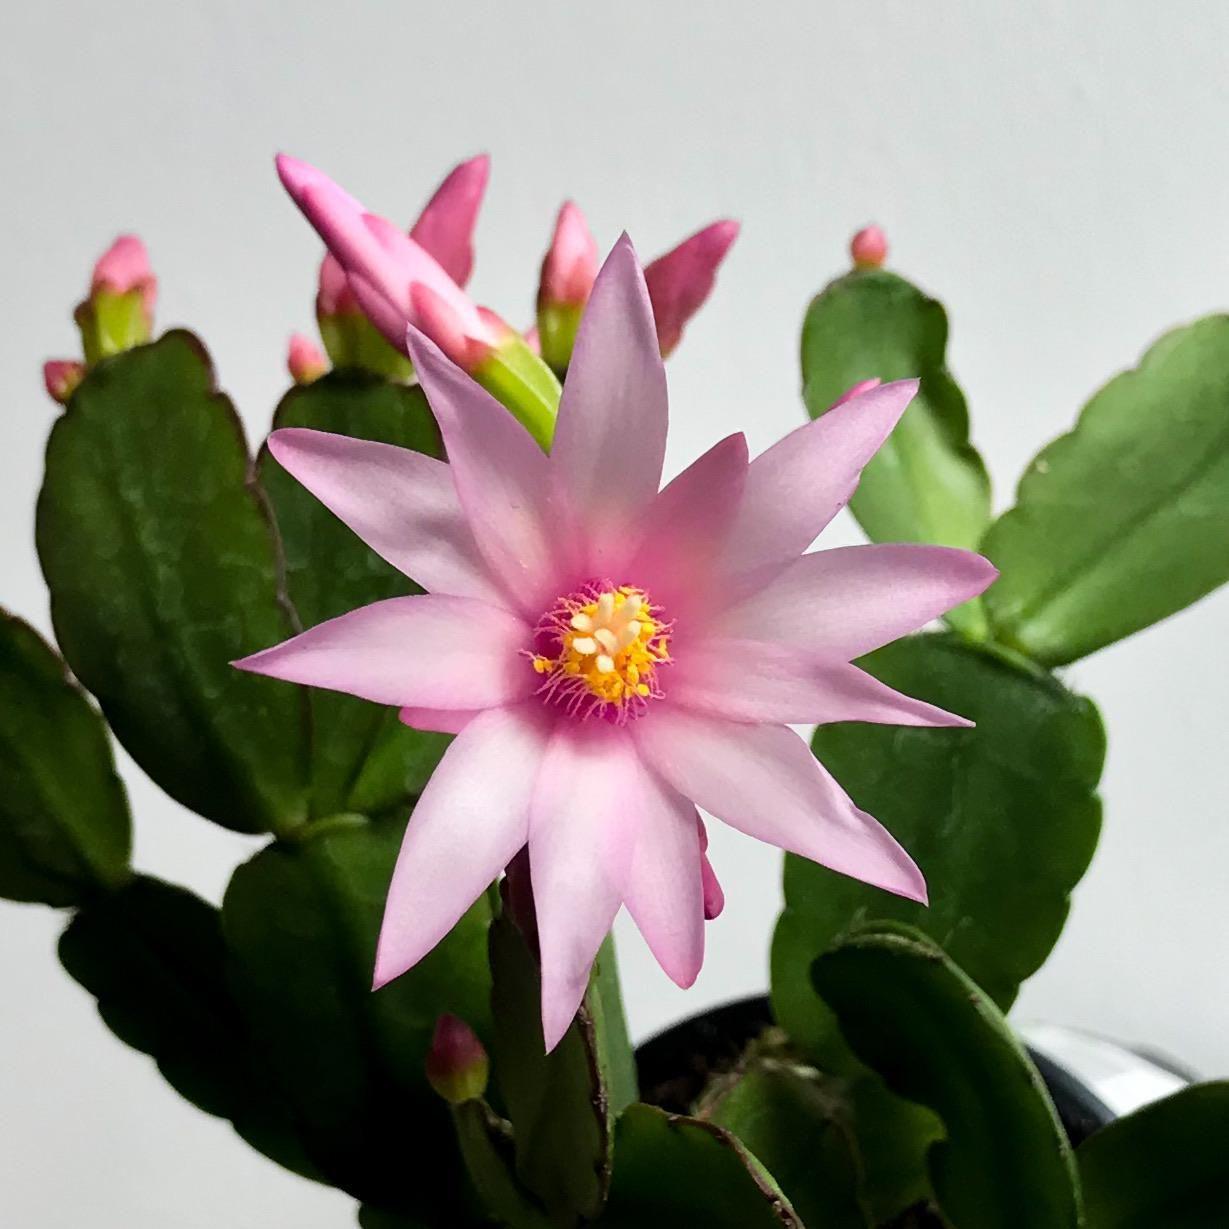 Easter Cactus (rhipsalidopsis hybrid) flowering in 2020